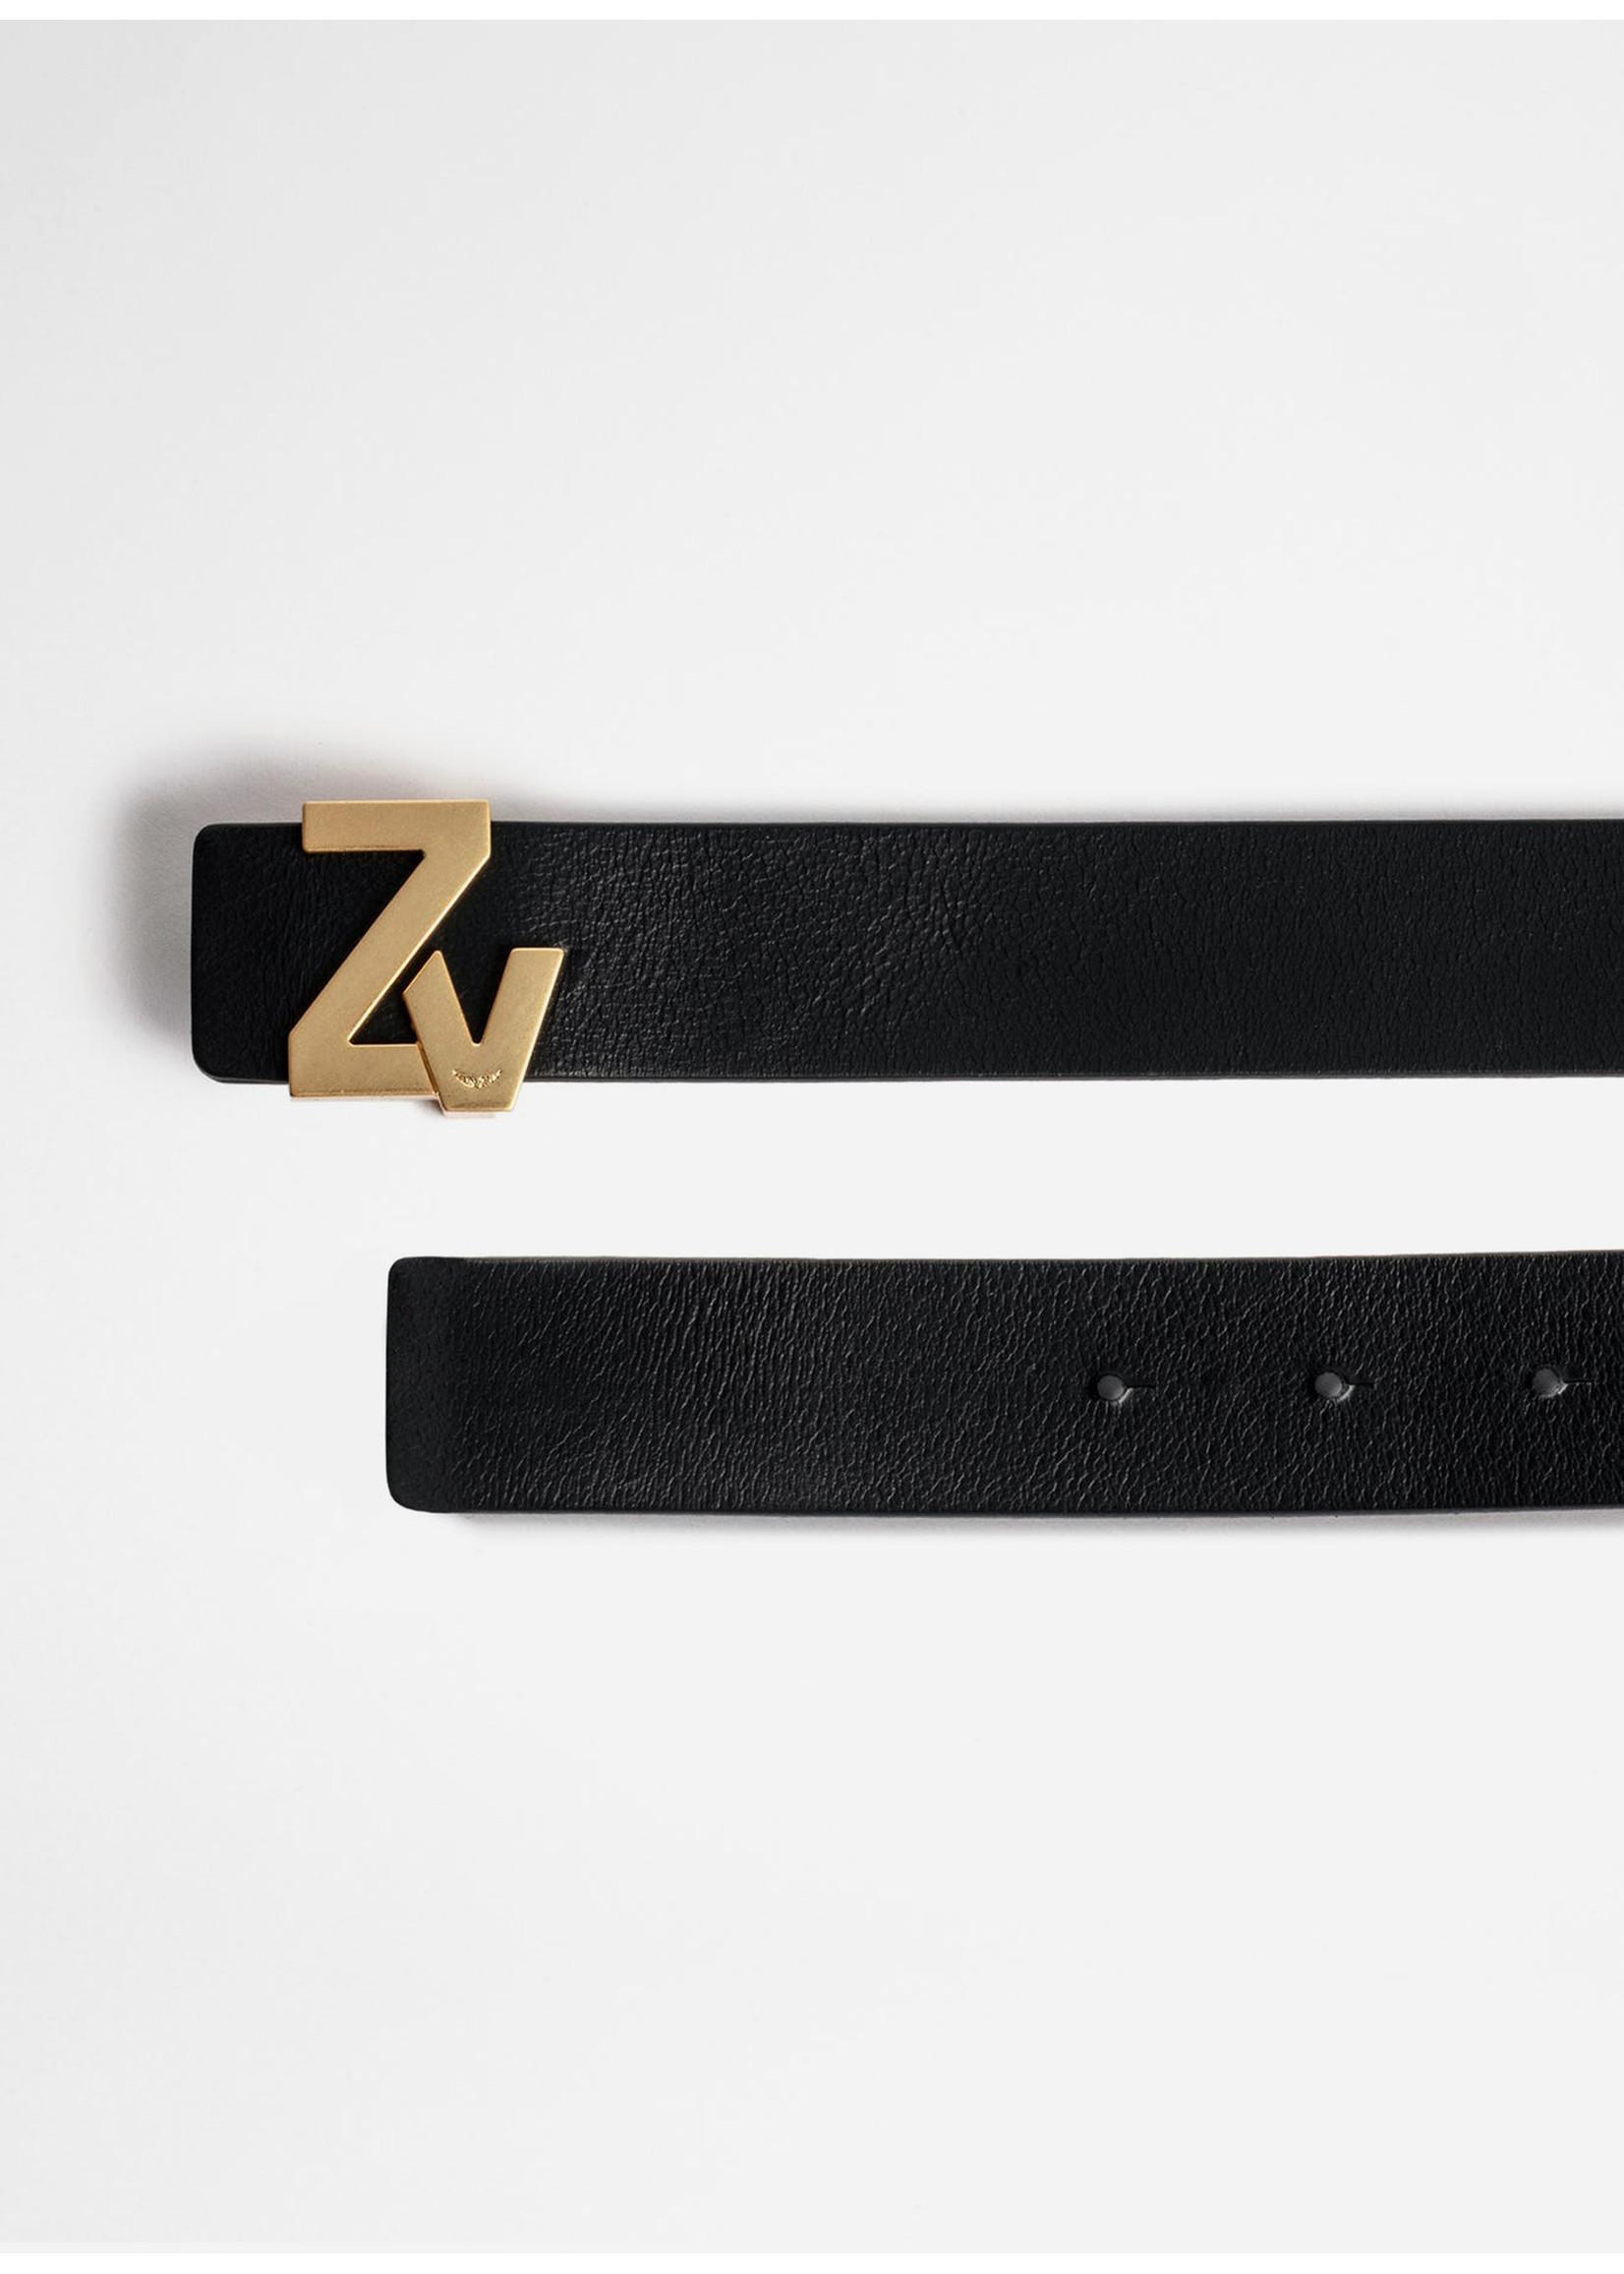 Zadig & Voltaire Initiale Belt Black Gold